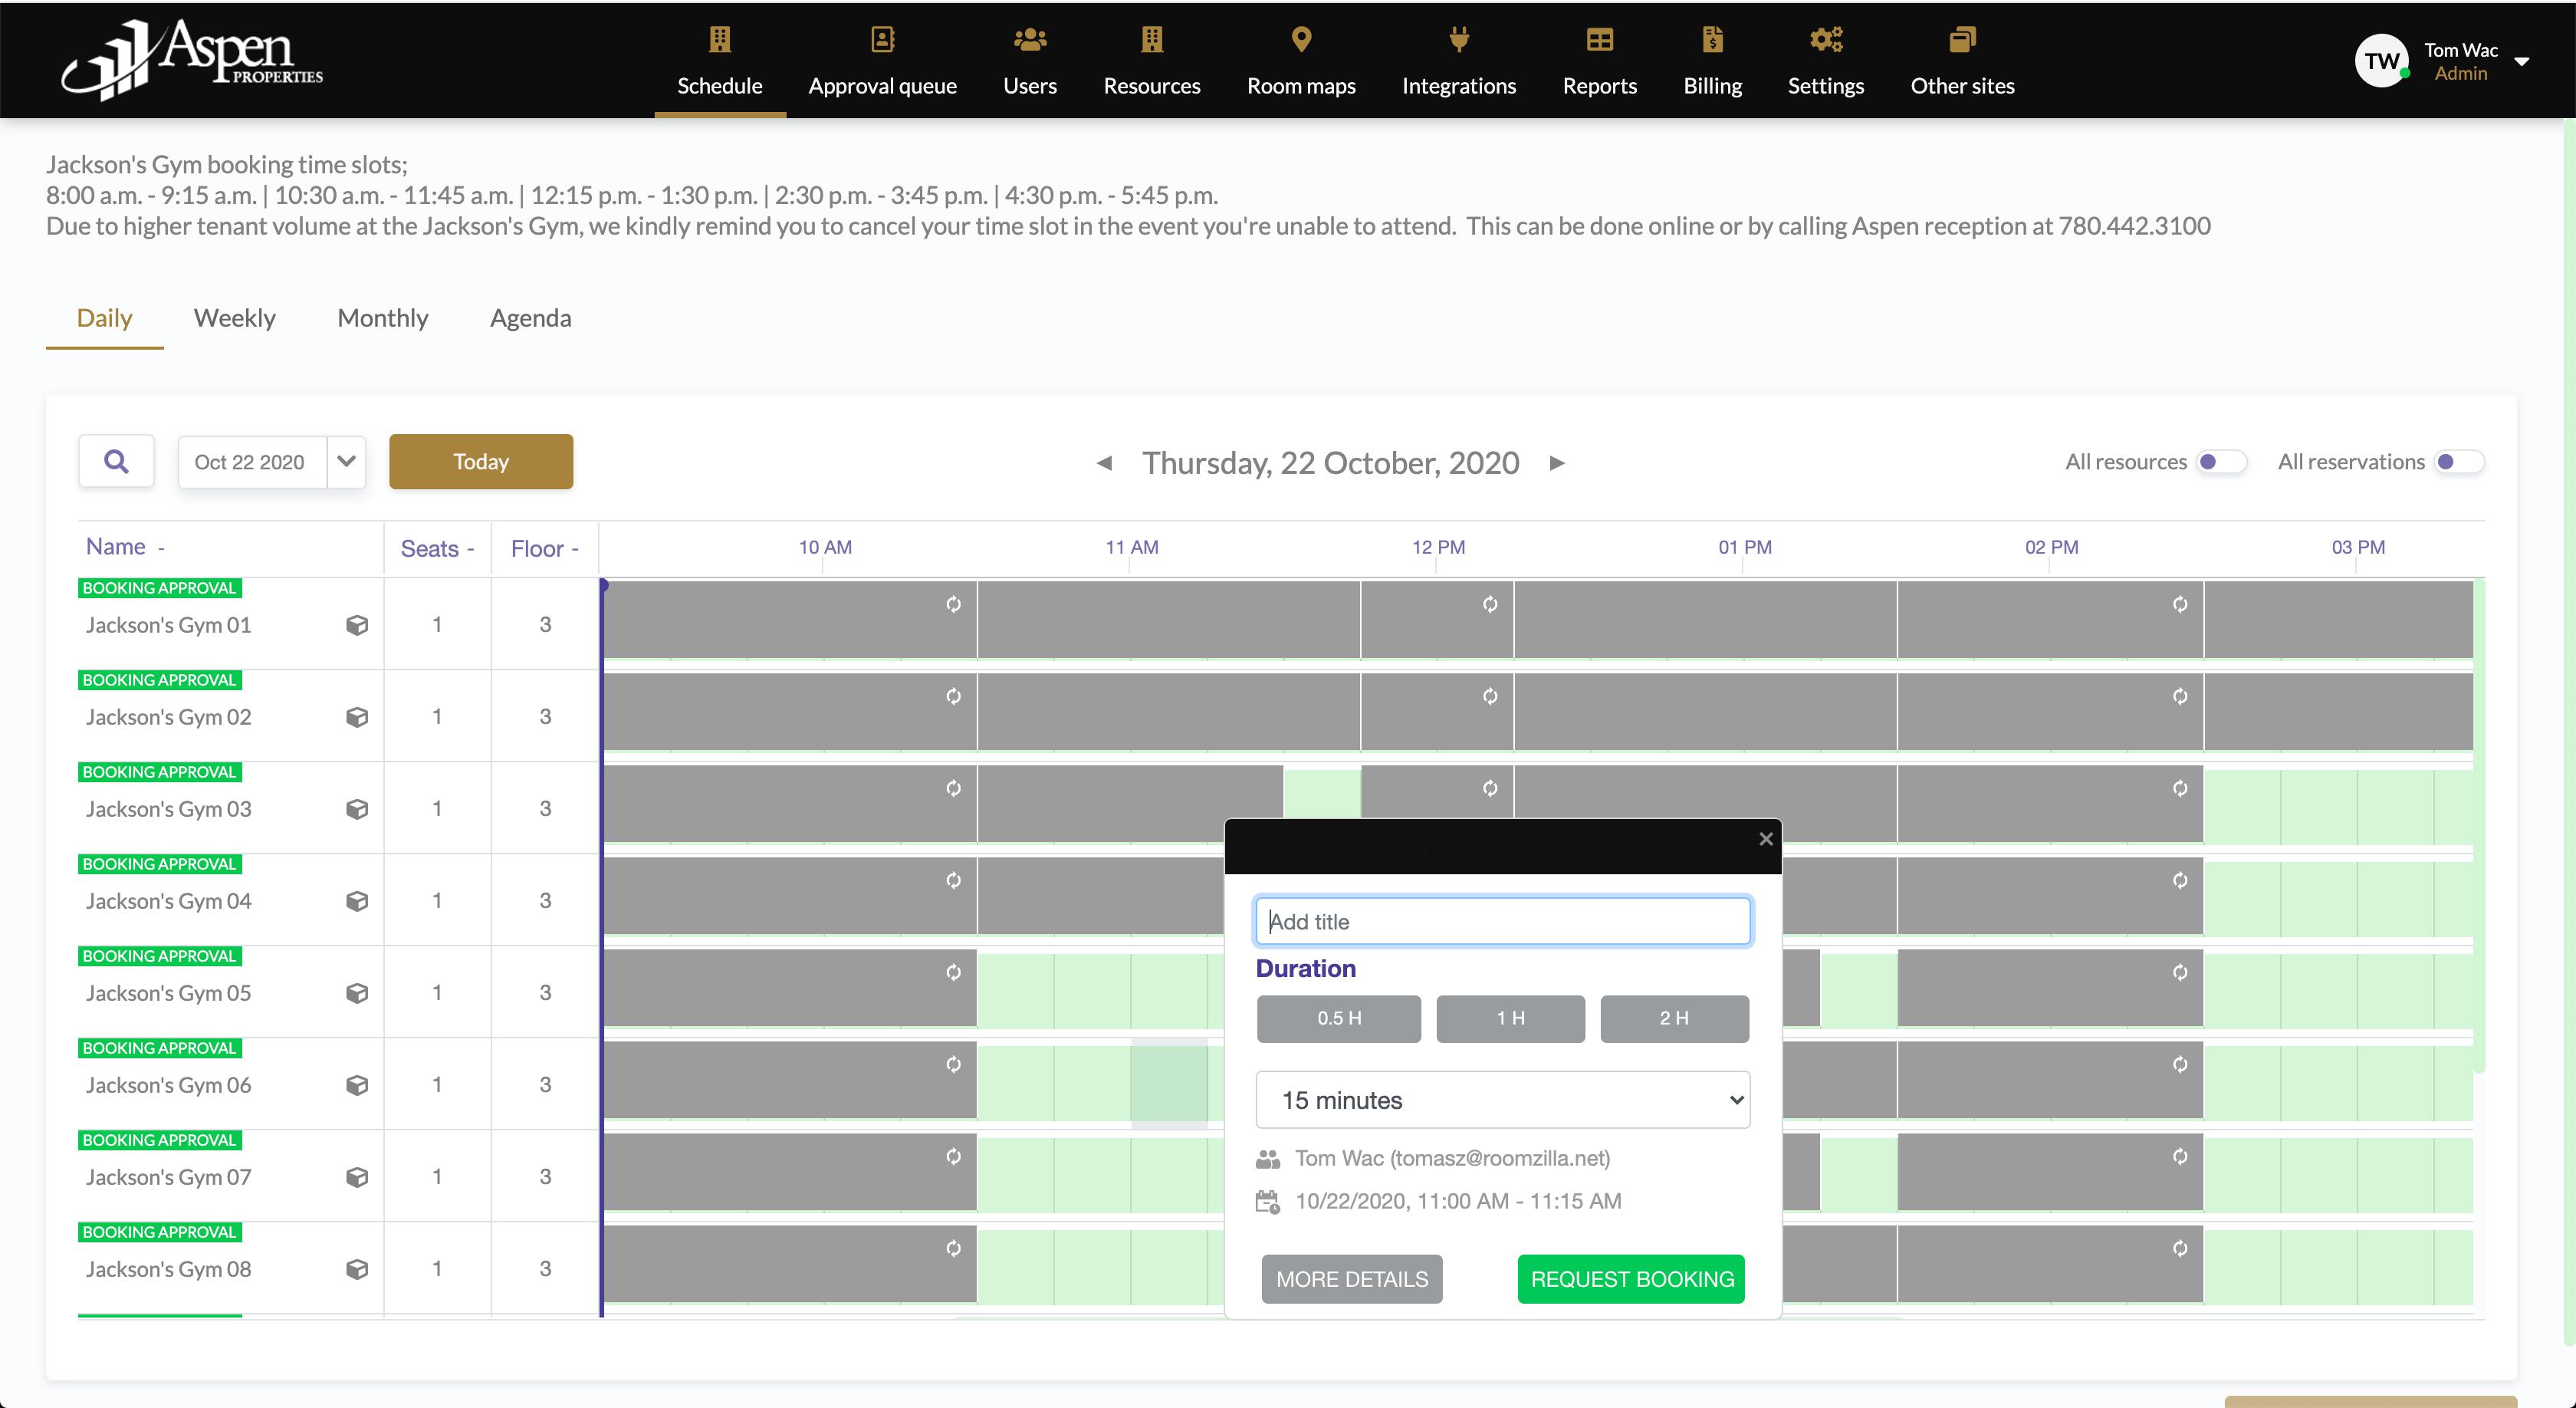 Screenshot 2020-10-22 at 09.17.25